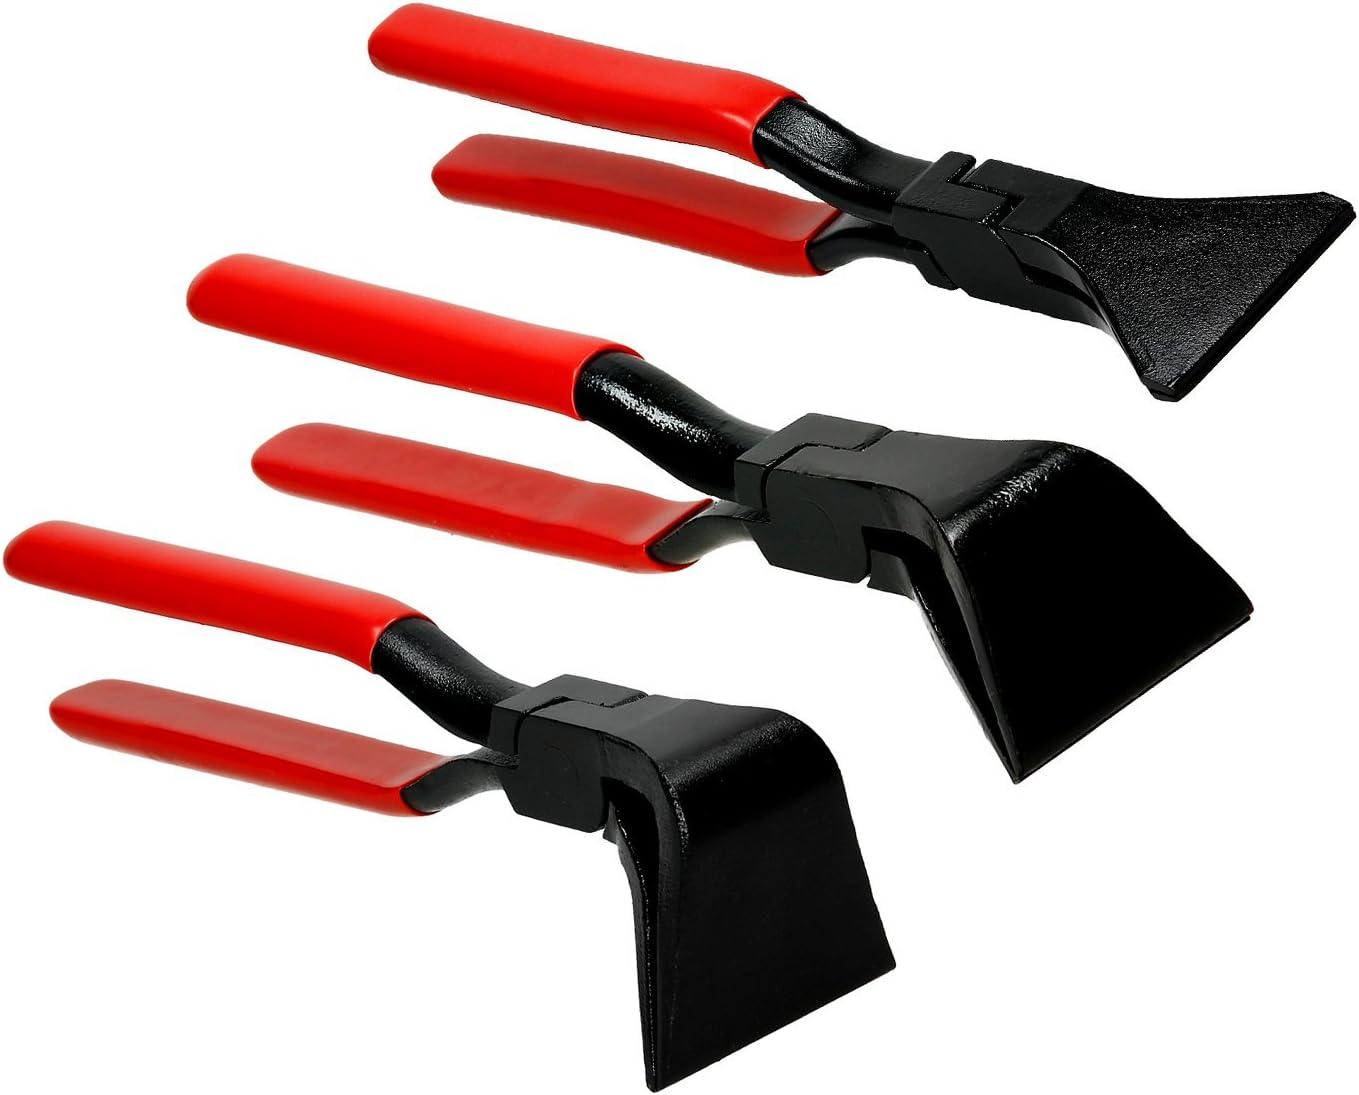 Falzzange gerade Klempner Zange Bleche Abfalzen Abkantzange Kanten Werkzeug BGS